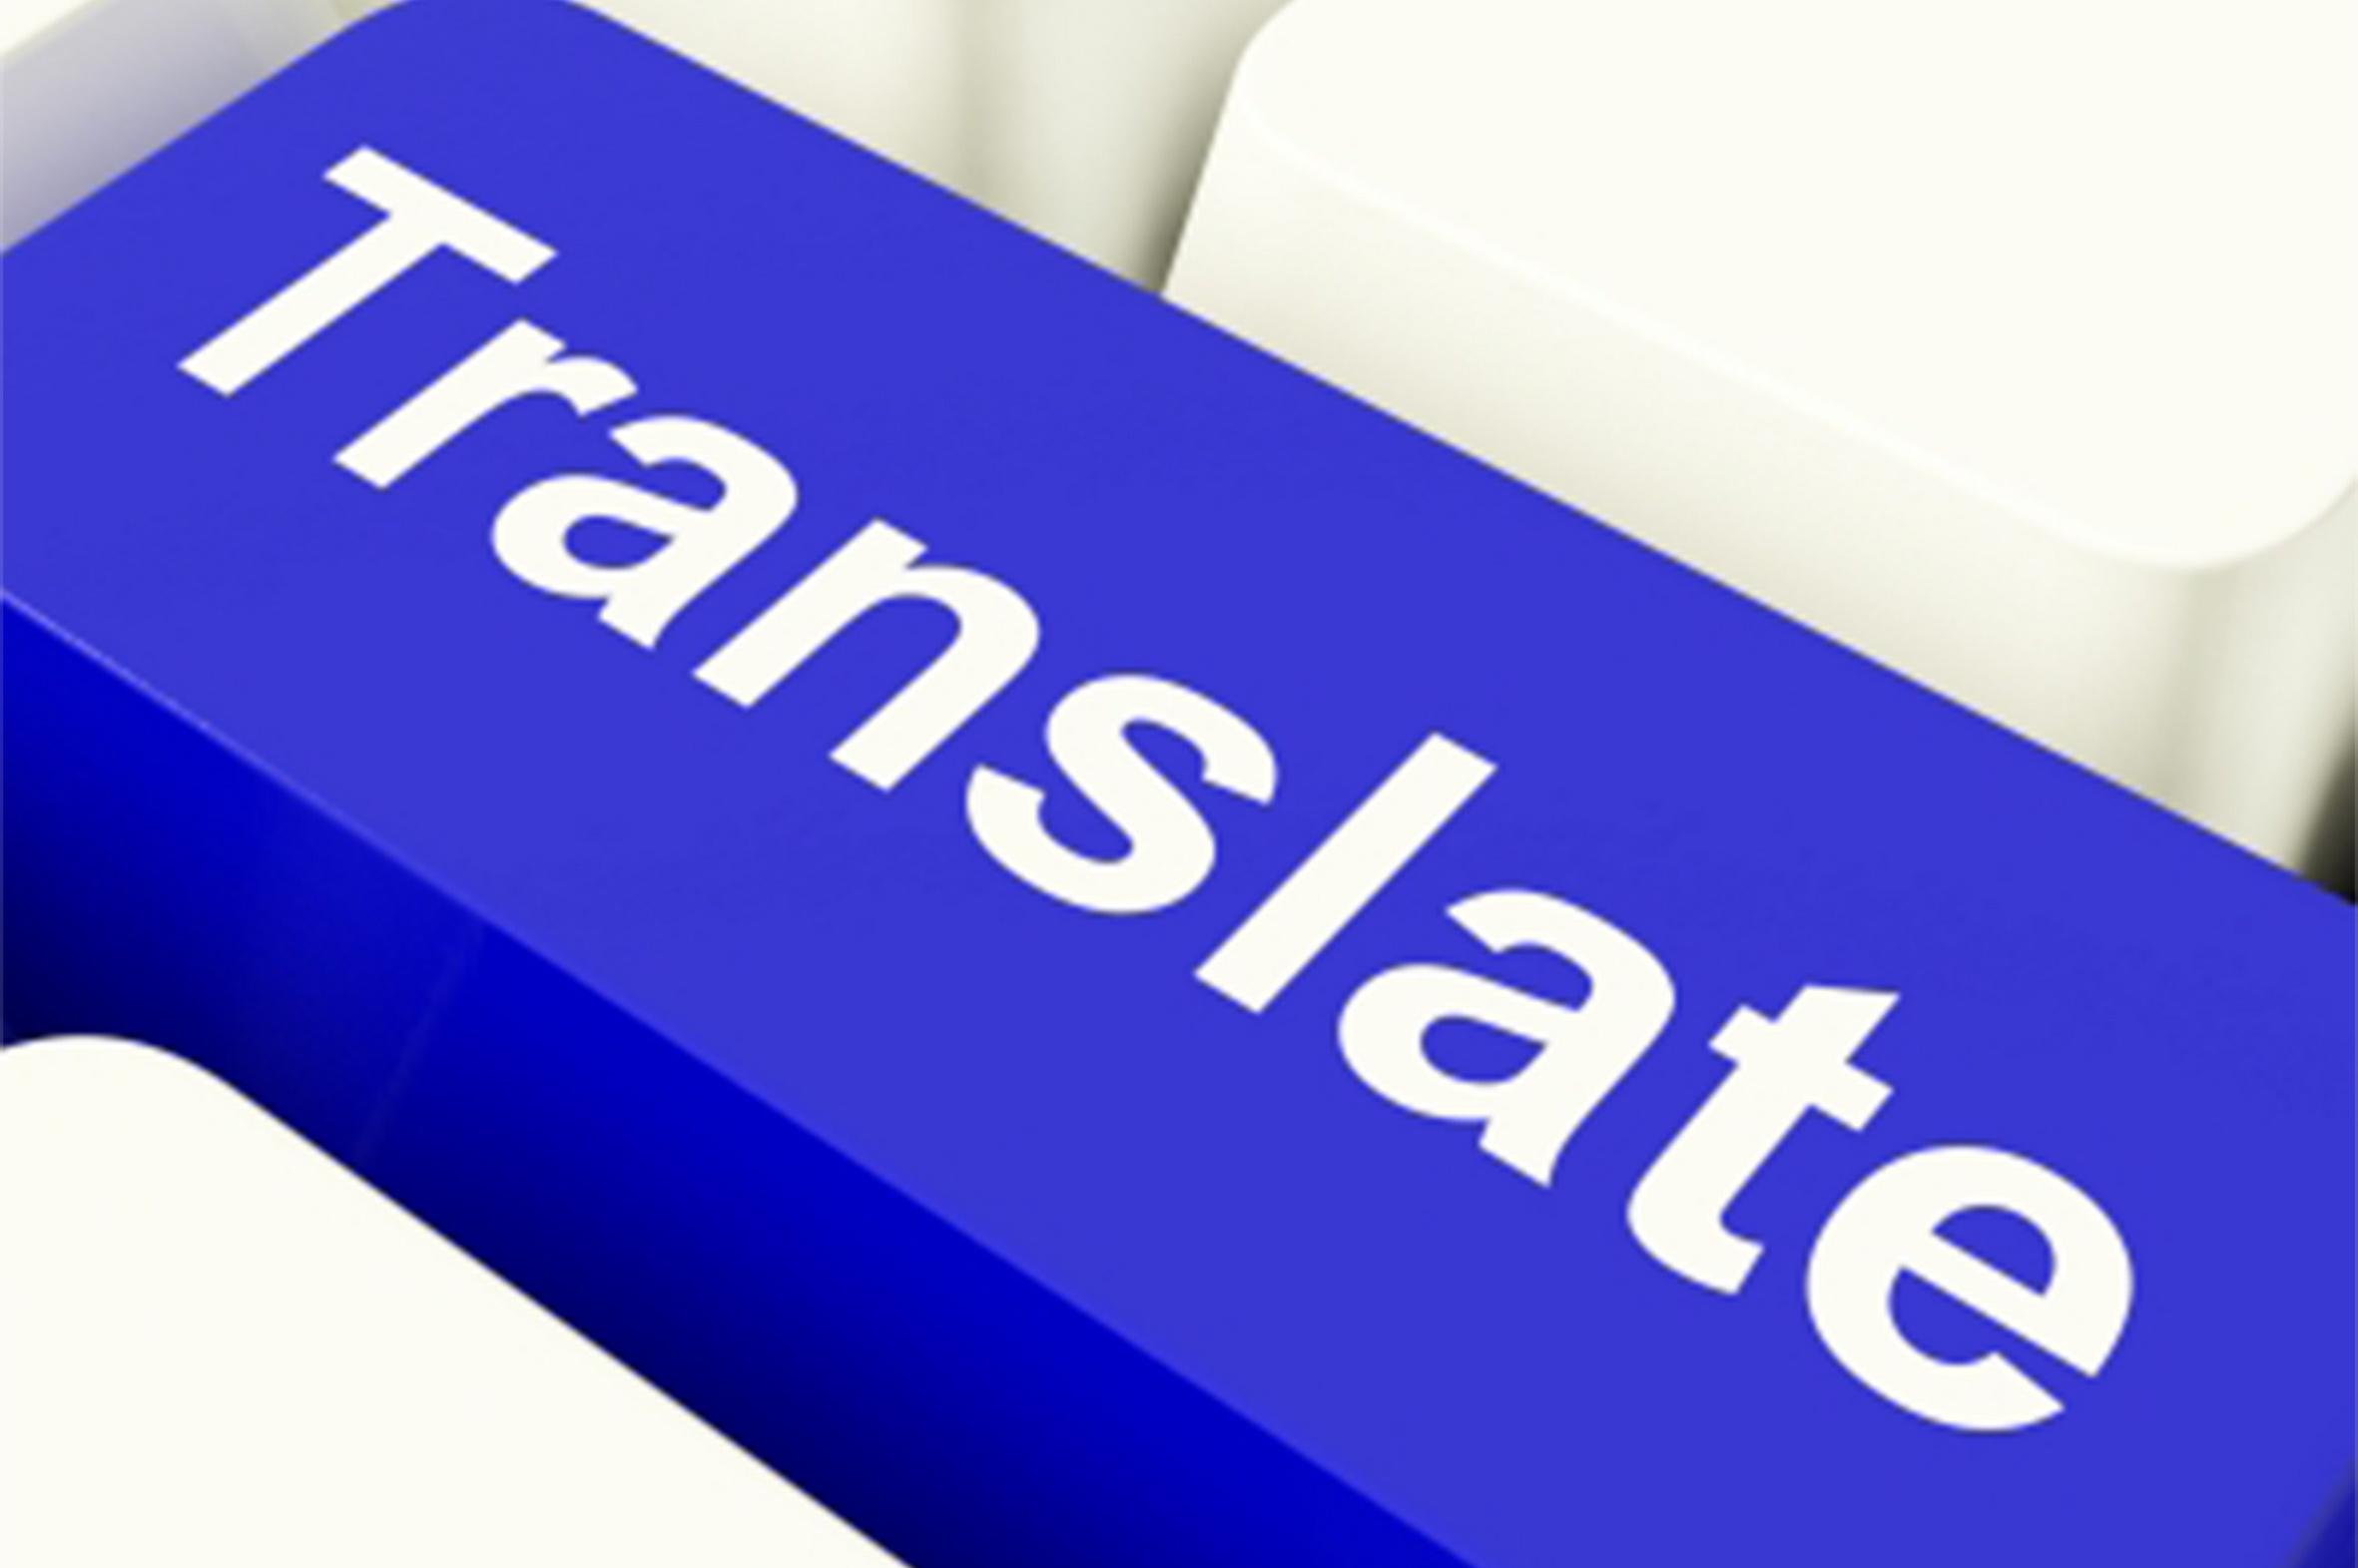 Плагины — переводчики